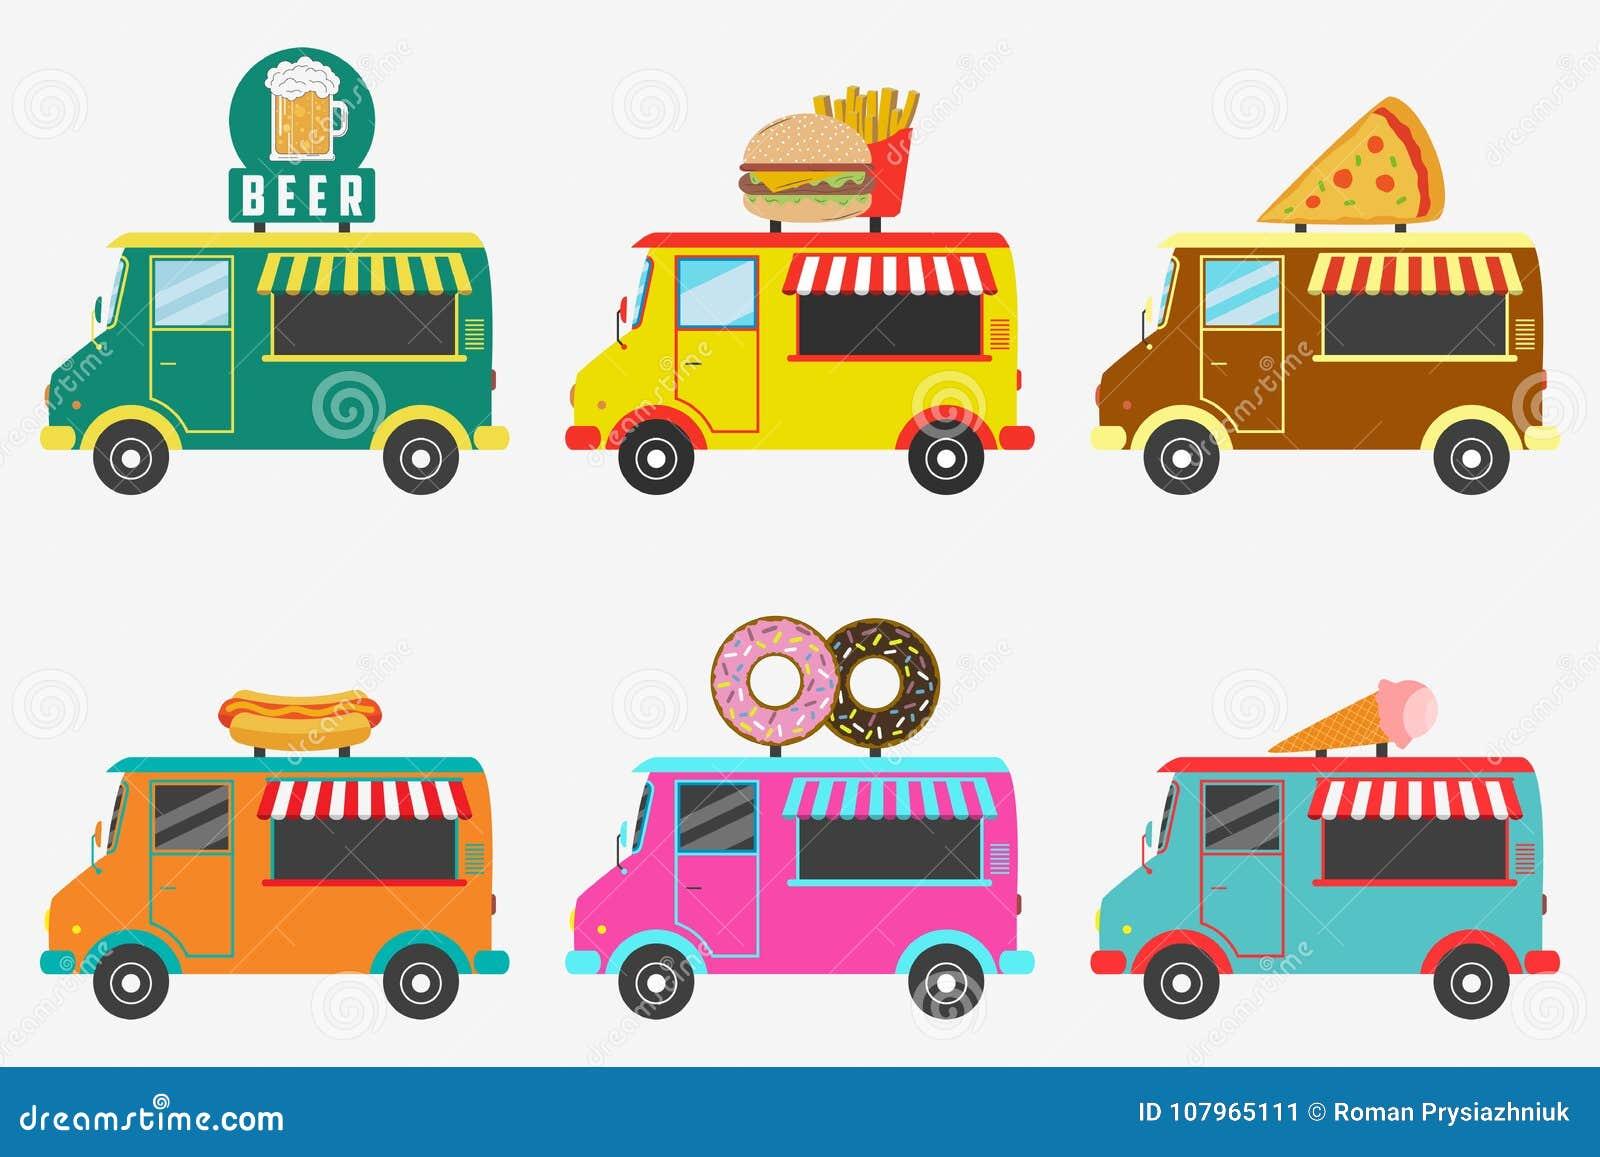 Schnellimbiss-LKWs Satz der Straße kauft auf Packwagen - Bier, Donut, Burger und Pommes-Frites, Hotdog, Eiscreme, Pizza Vektor